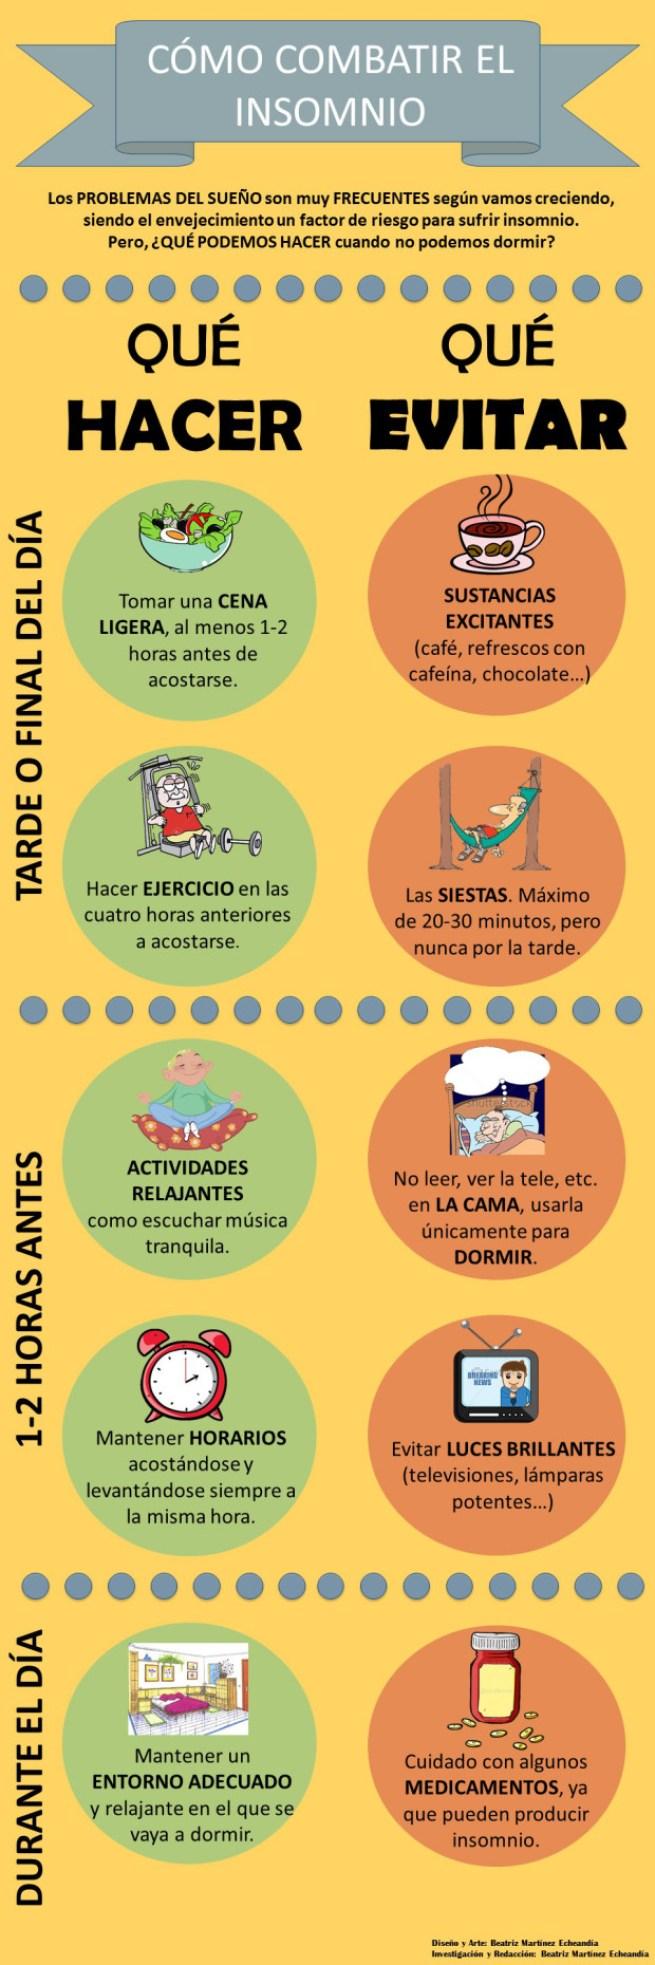 infografc3ada-insomnio.jpg